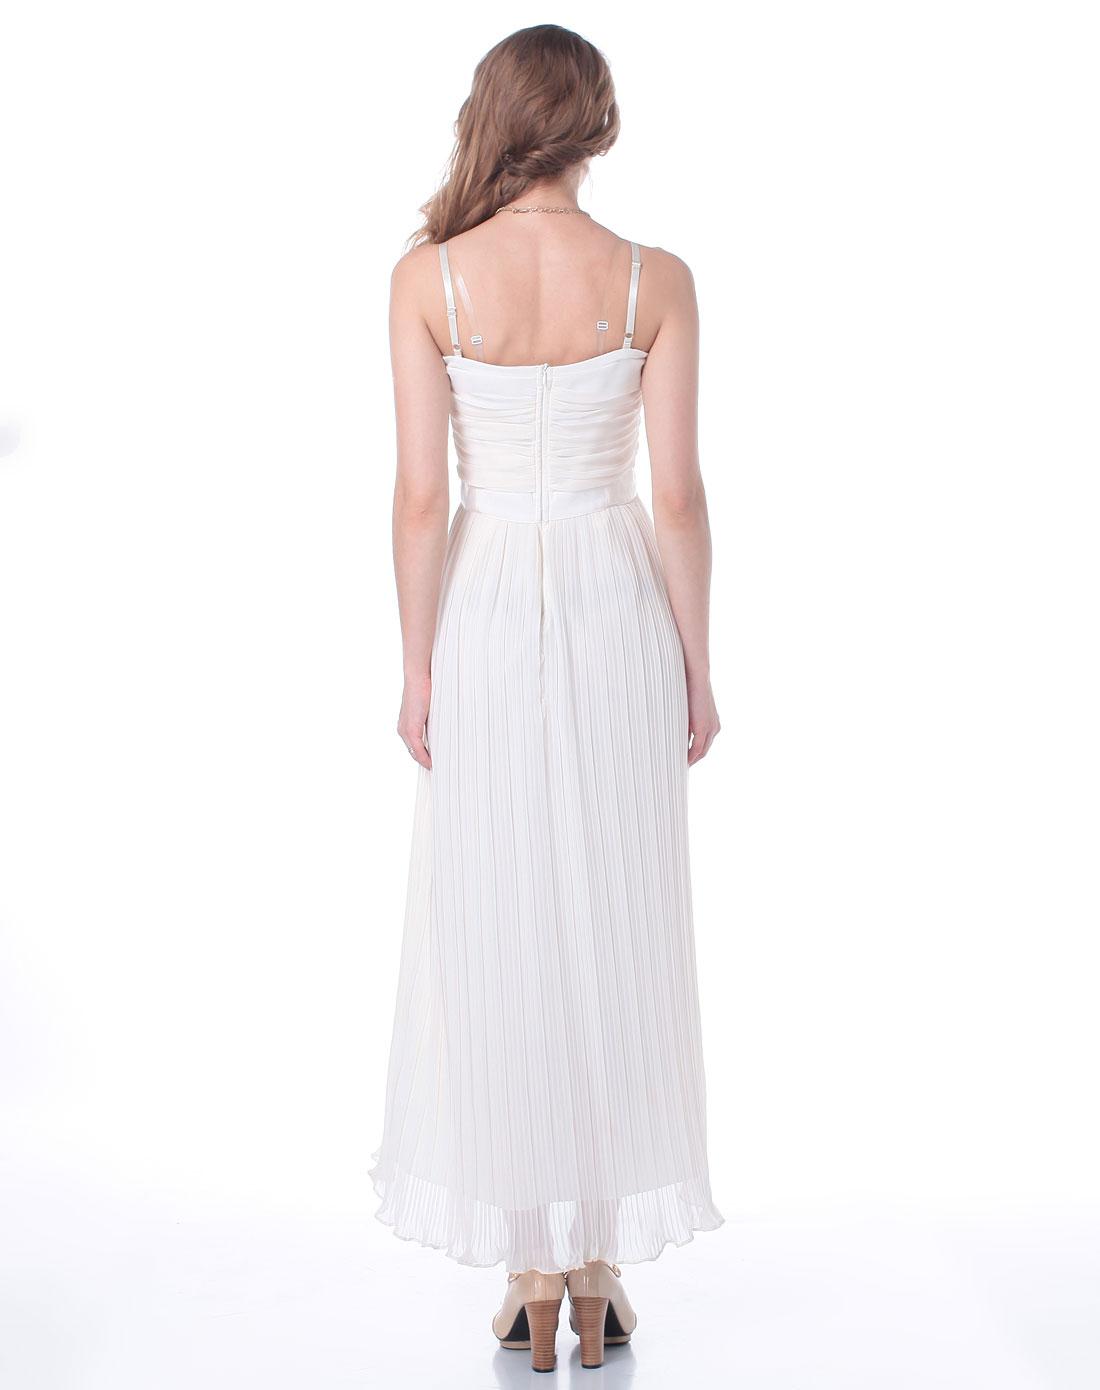 [ 飘蕾 ] 米白色百褶吊带连衣裙